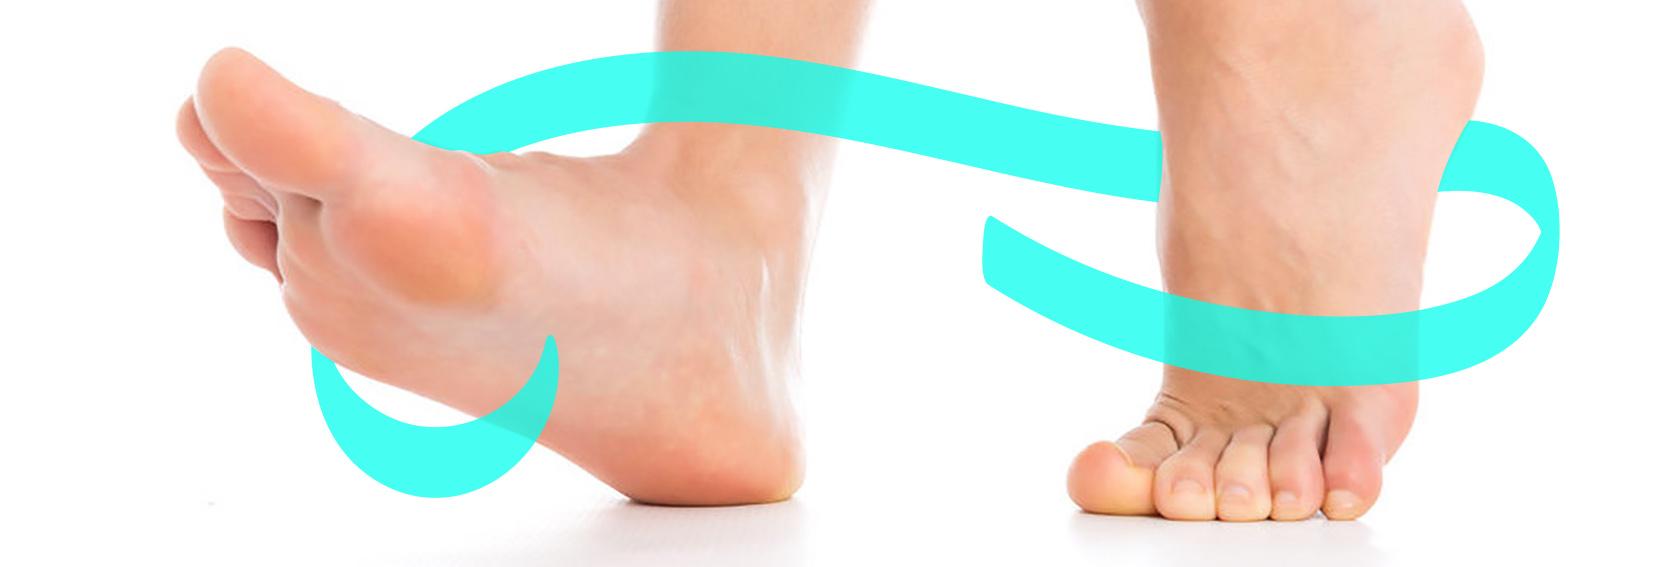 összeroppant a lábak ízületeit, hogyan kell kezelni térdízületi kezelés mértéke